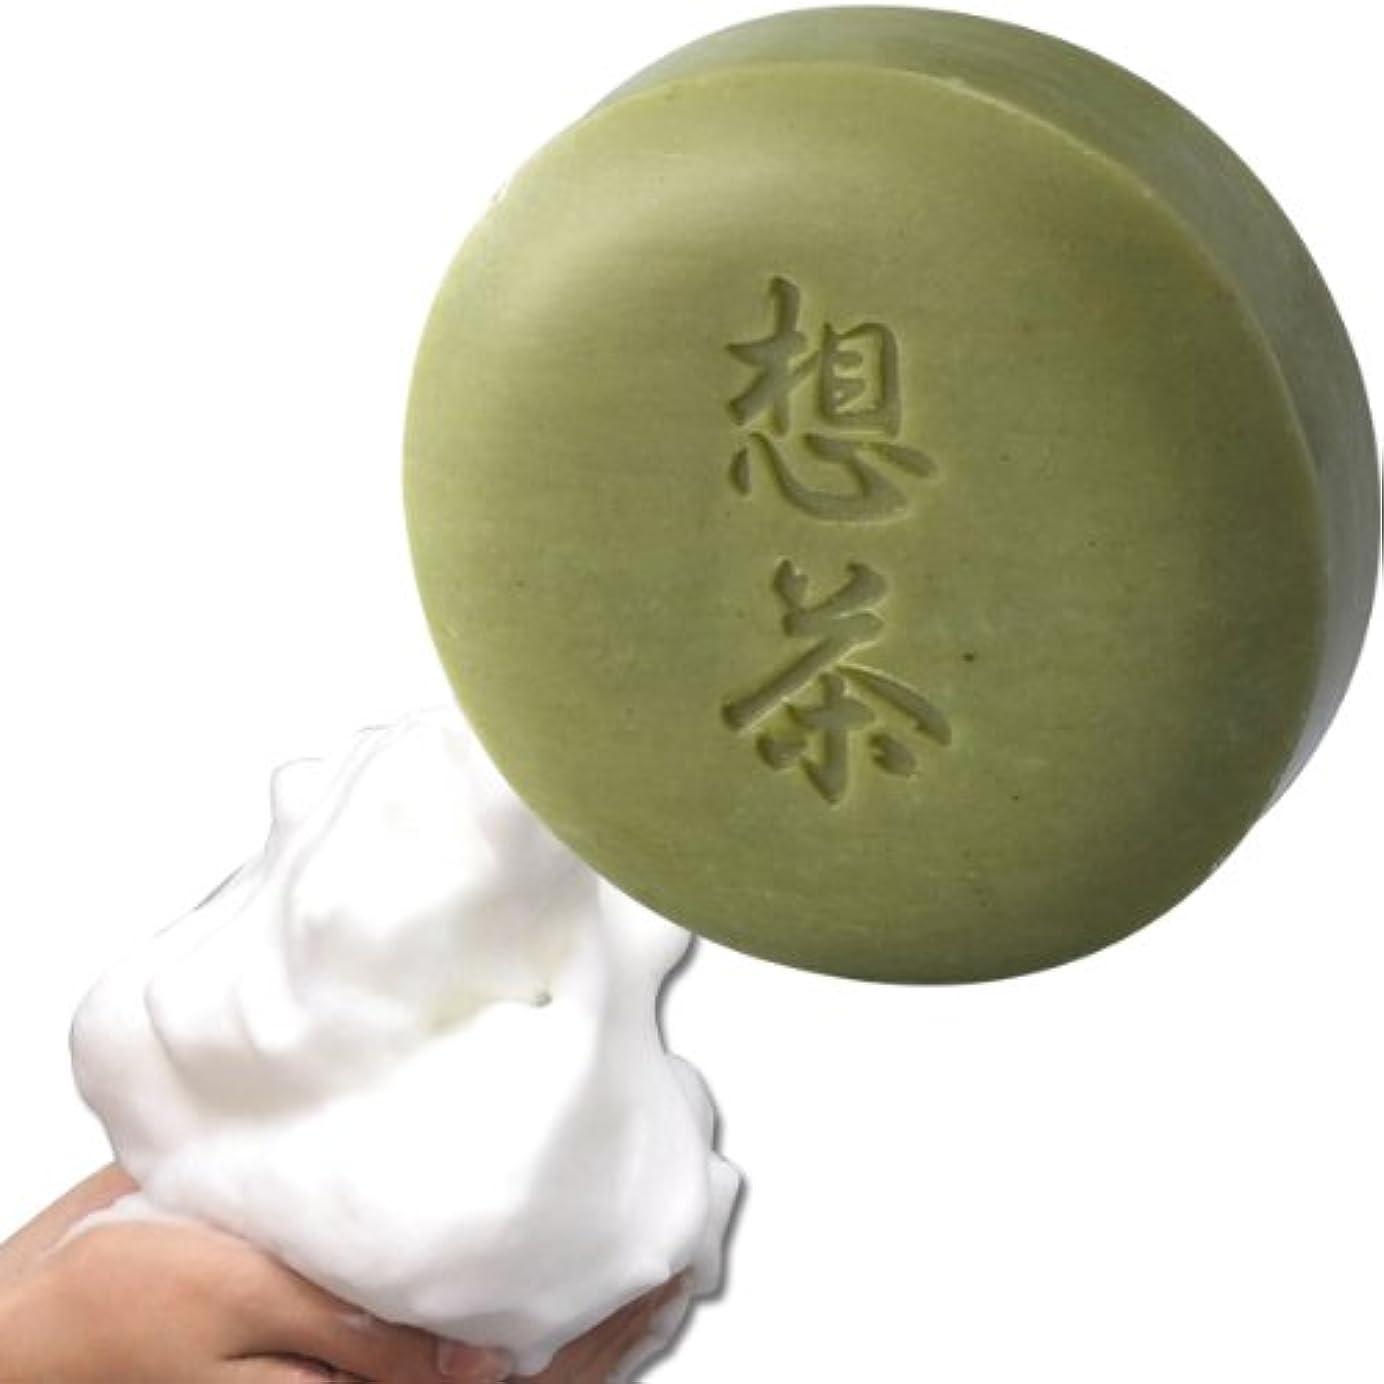 想茶石鹸 100g(お茶屋さんが作ったお茶石鹸)